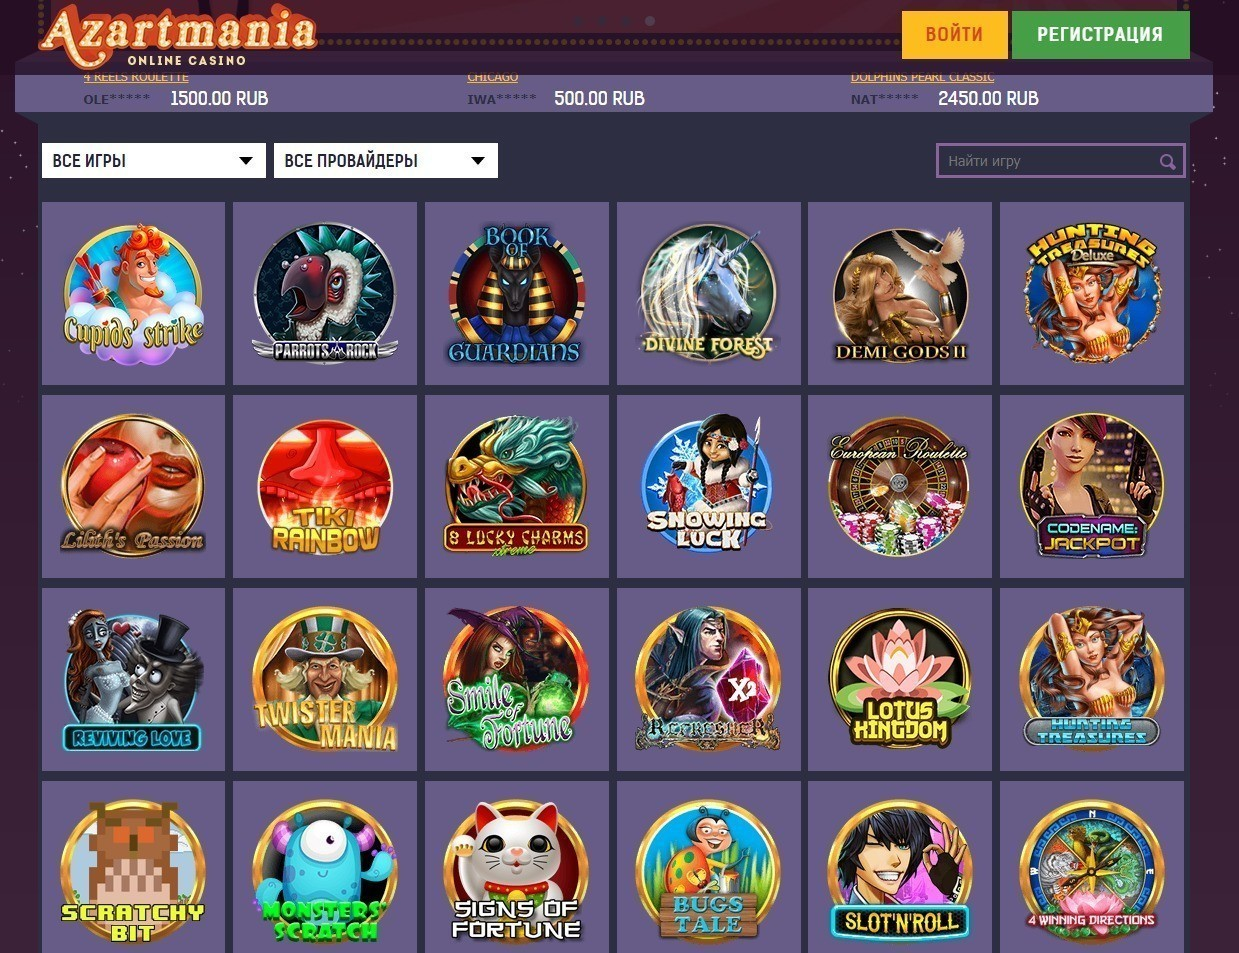 фото Играть казино онлайн азартмания